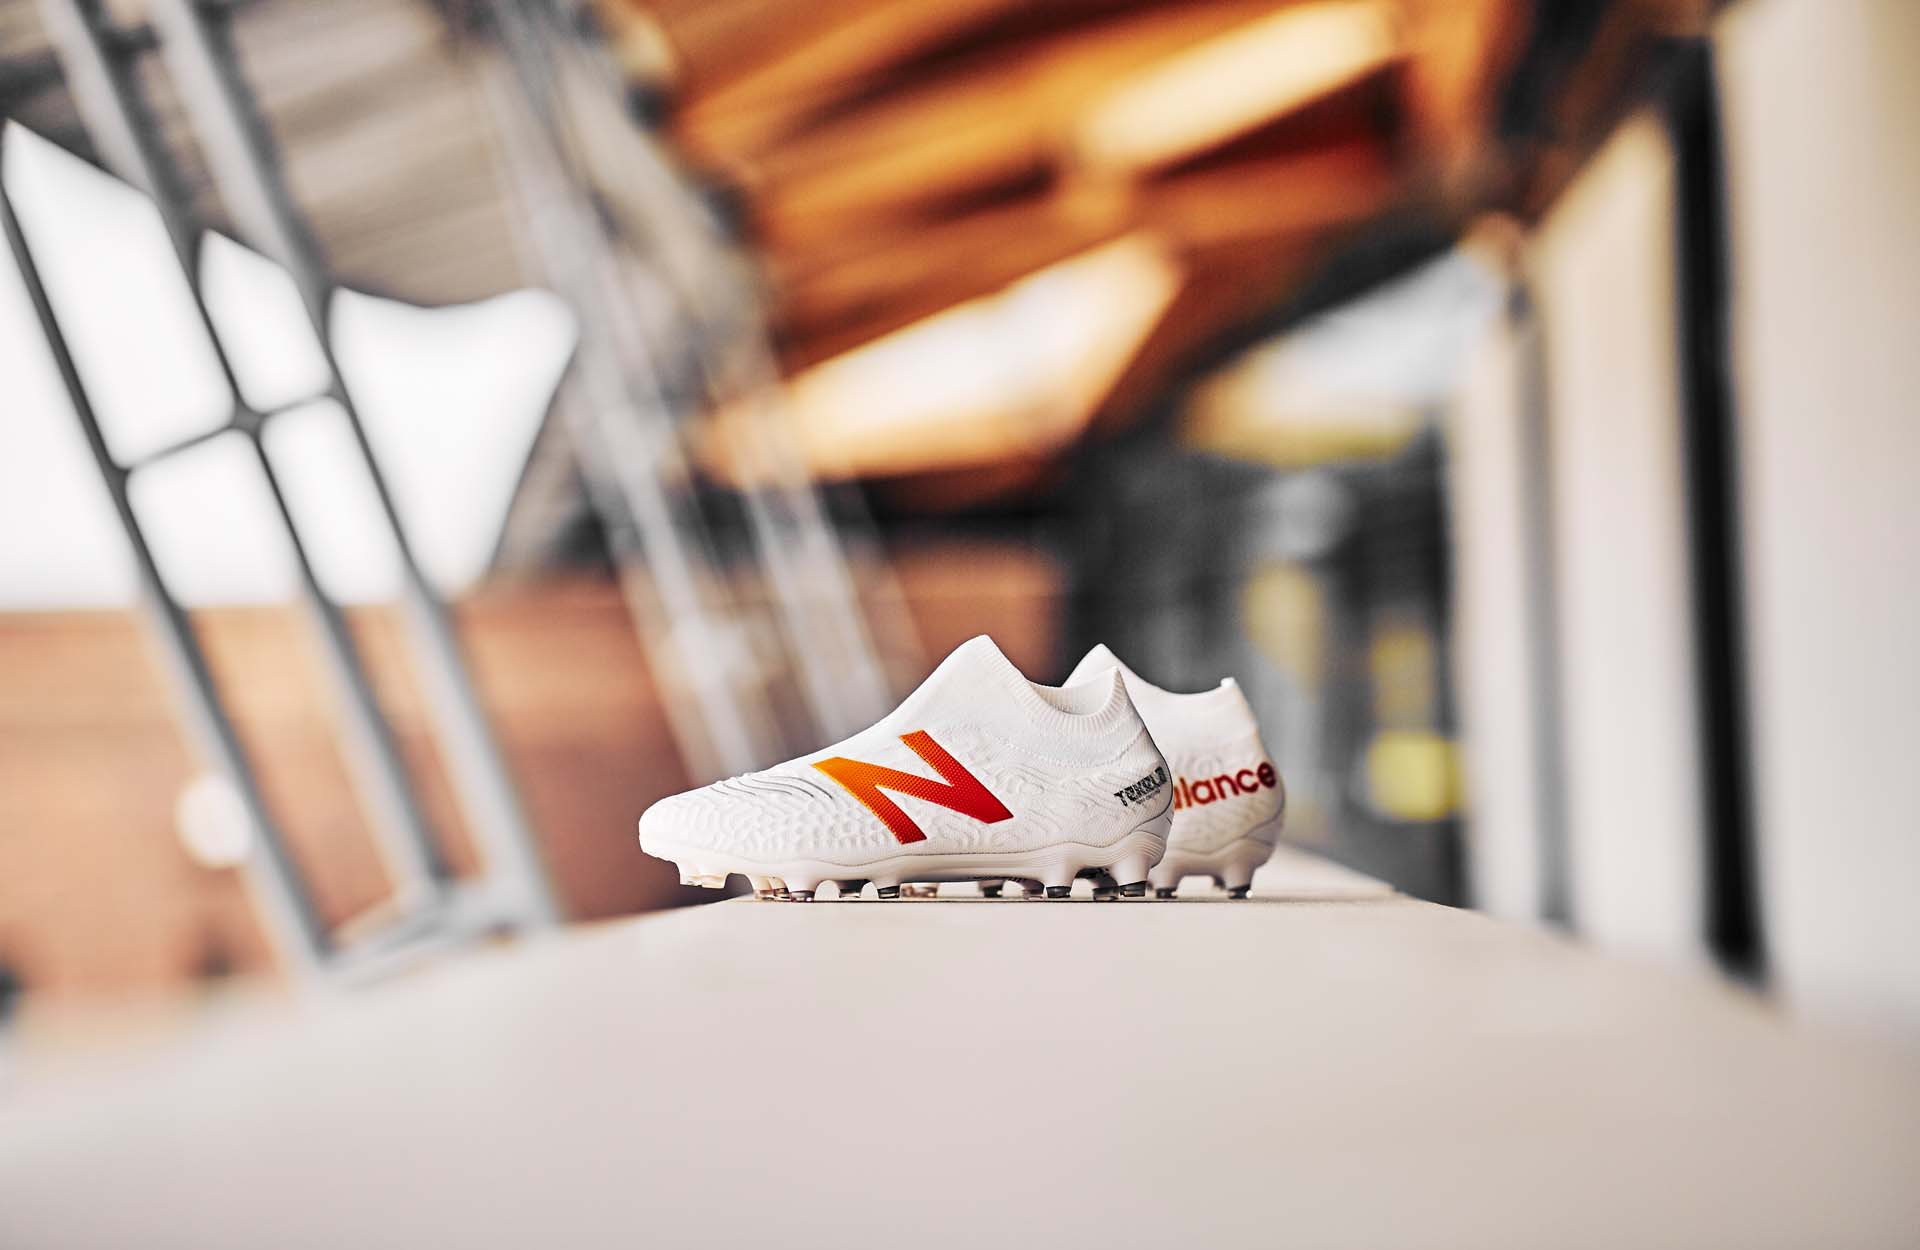 New Balance Tekela V3 là dòng giày hỗ trợ kiểm soát bóng với thiết kế không dây